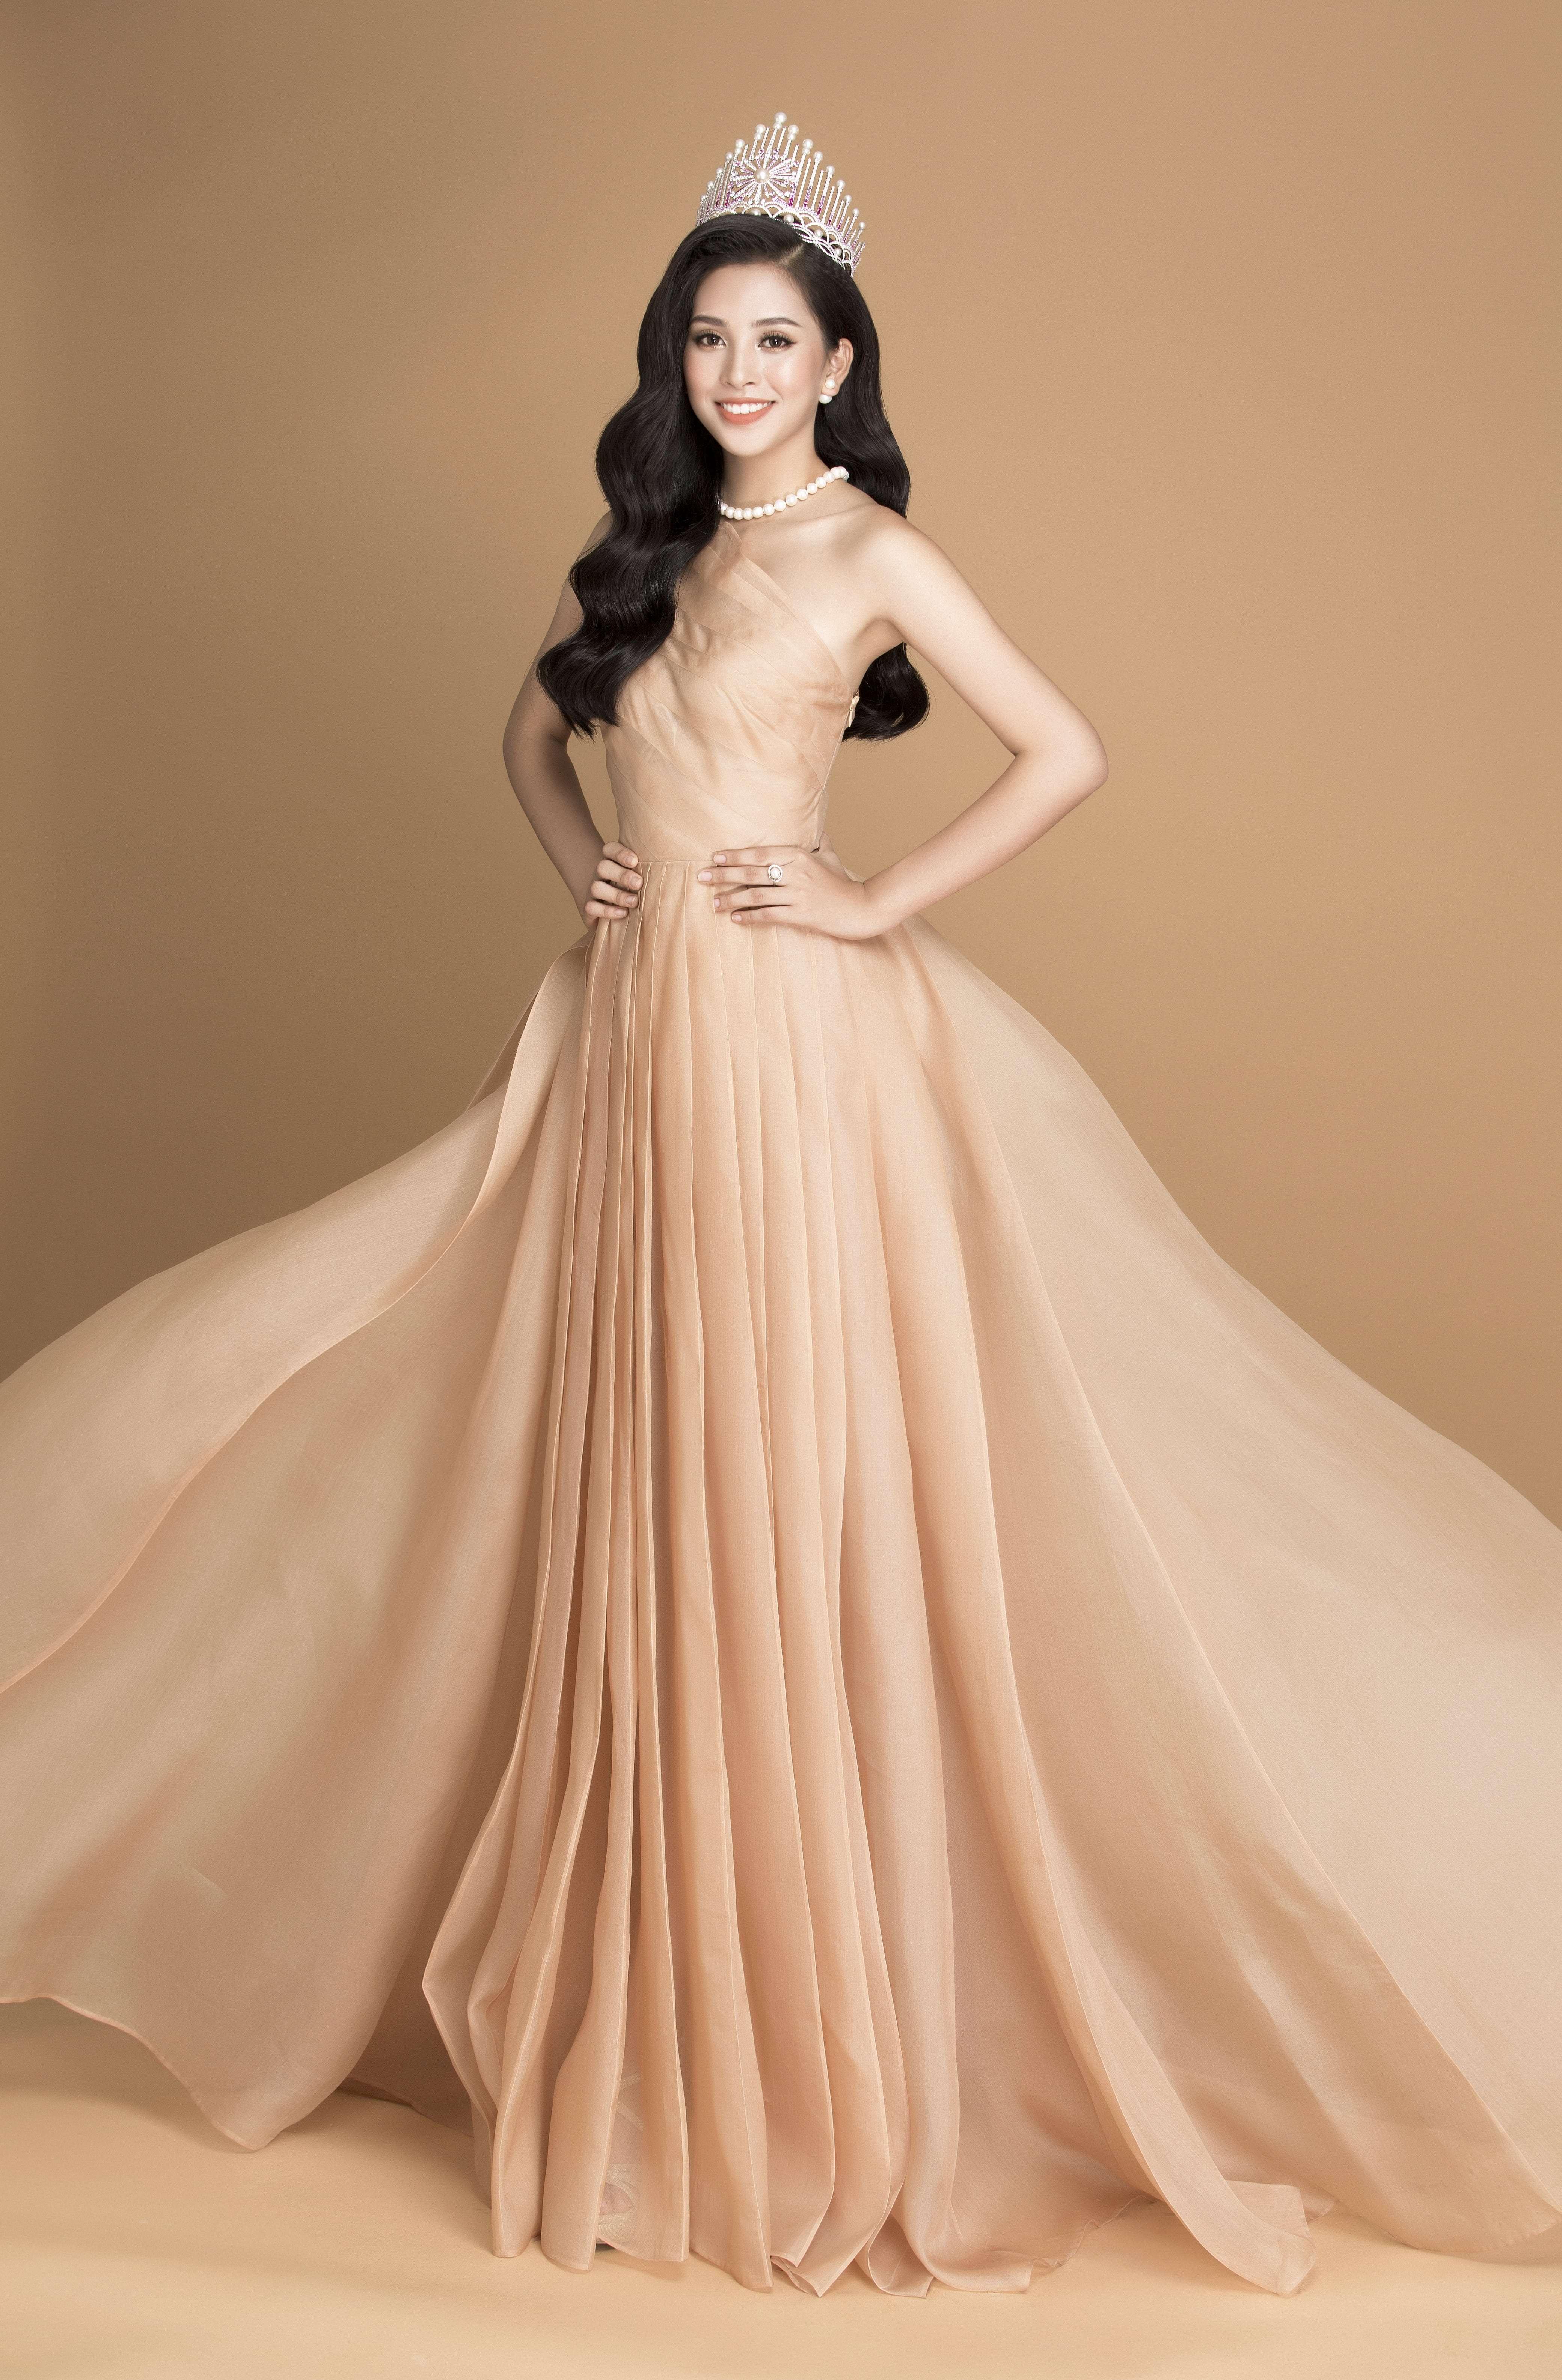 Hoa hậu Trần Tiểu Vy cùng trang sức ngọc trai